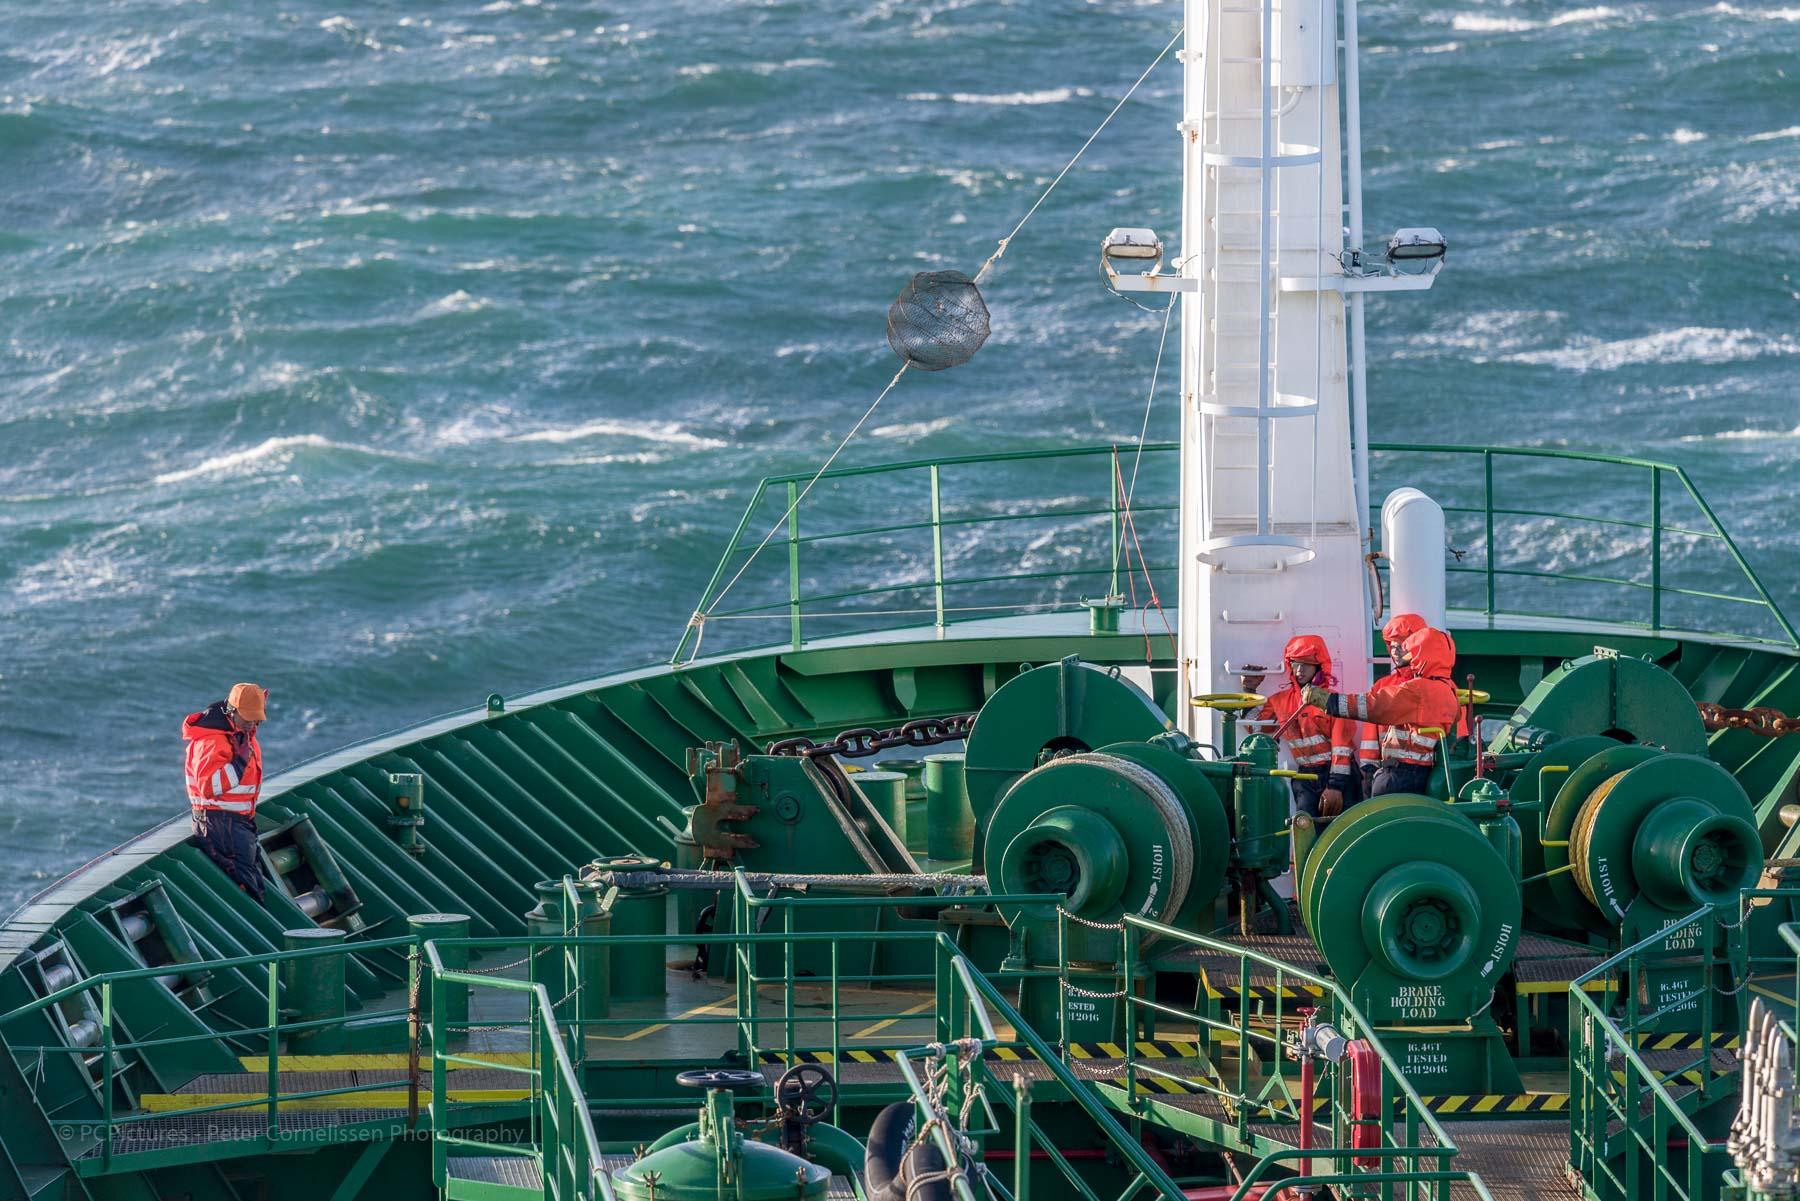 pcpictures.nl, scheepvaart